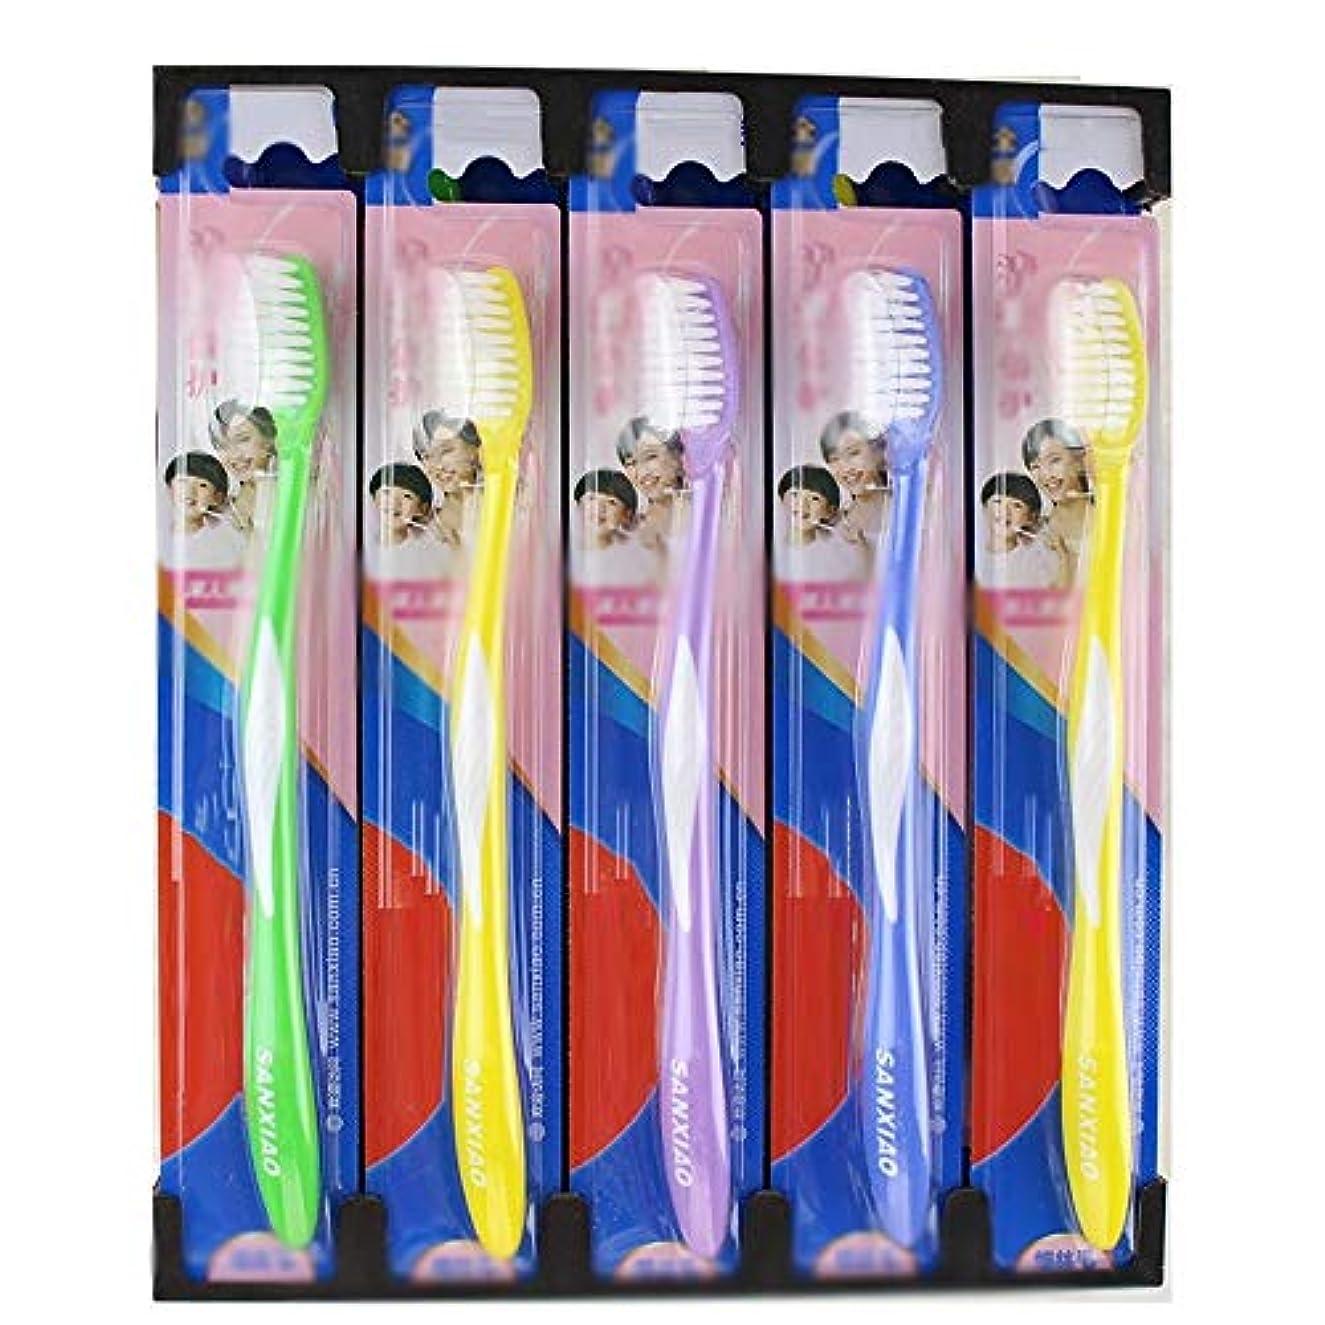 切る縫う雷雨歯ブラシ 30パック歯ブラシ、ファミリーパック歯ブラシ、歯科衛生の深いクリーニング - 使用可能なスタイルの3種類 HL (色 : A, サイズ : 30 packs)